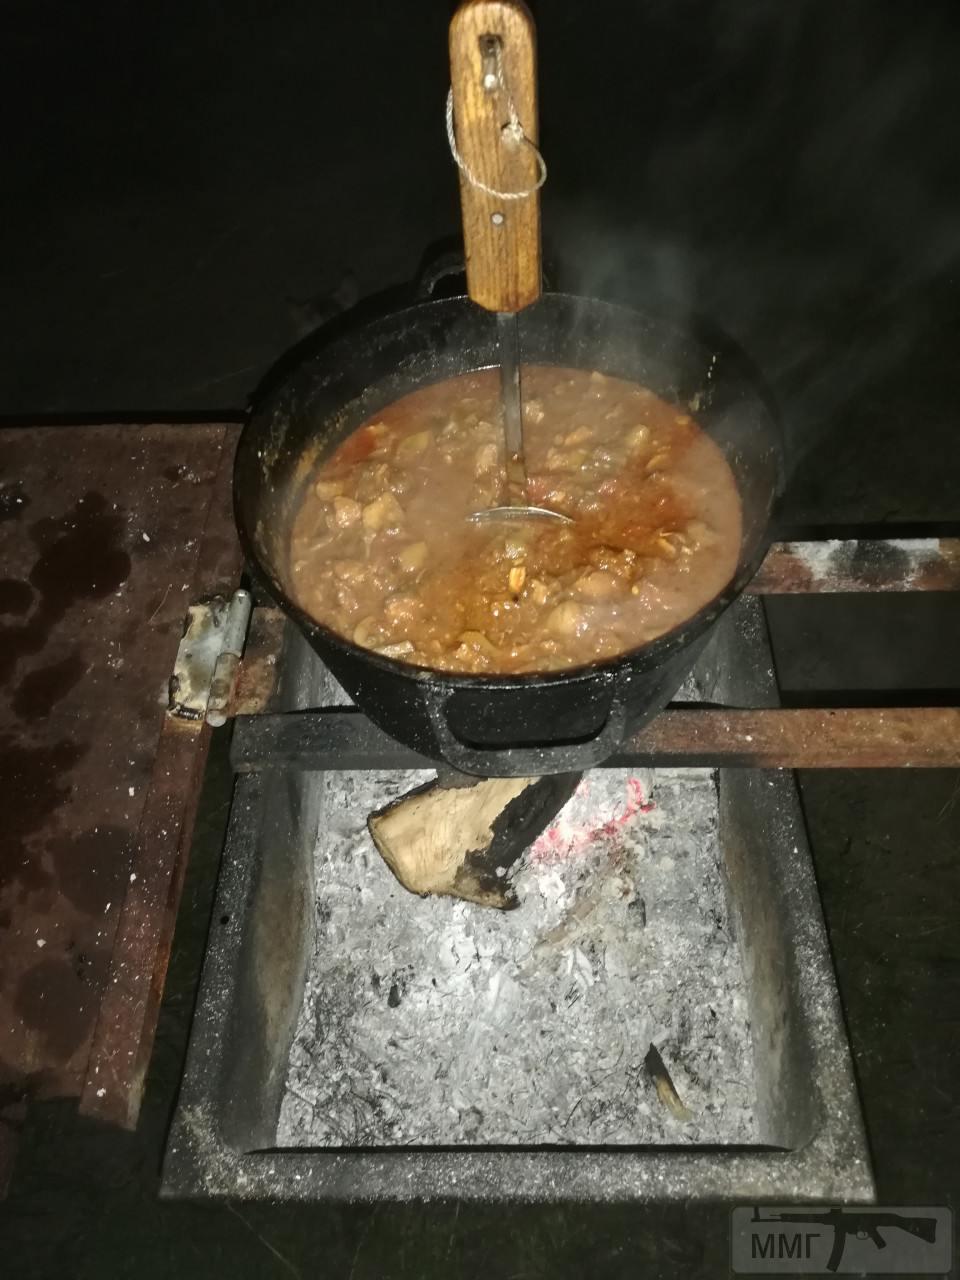 106822 - Закуски на огне (мангал, барбекю и т.д.) и кулинария вообще. Советы и рецепты.